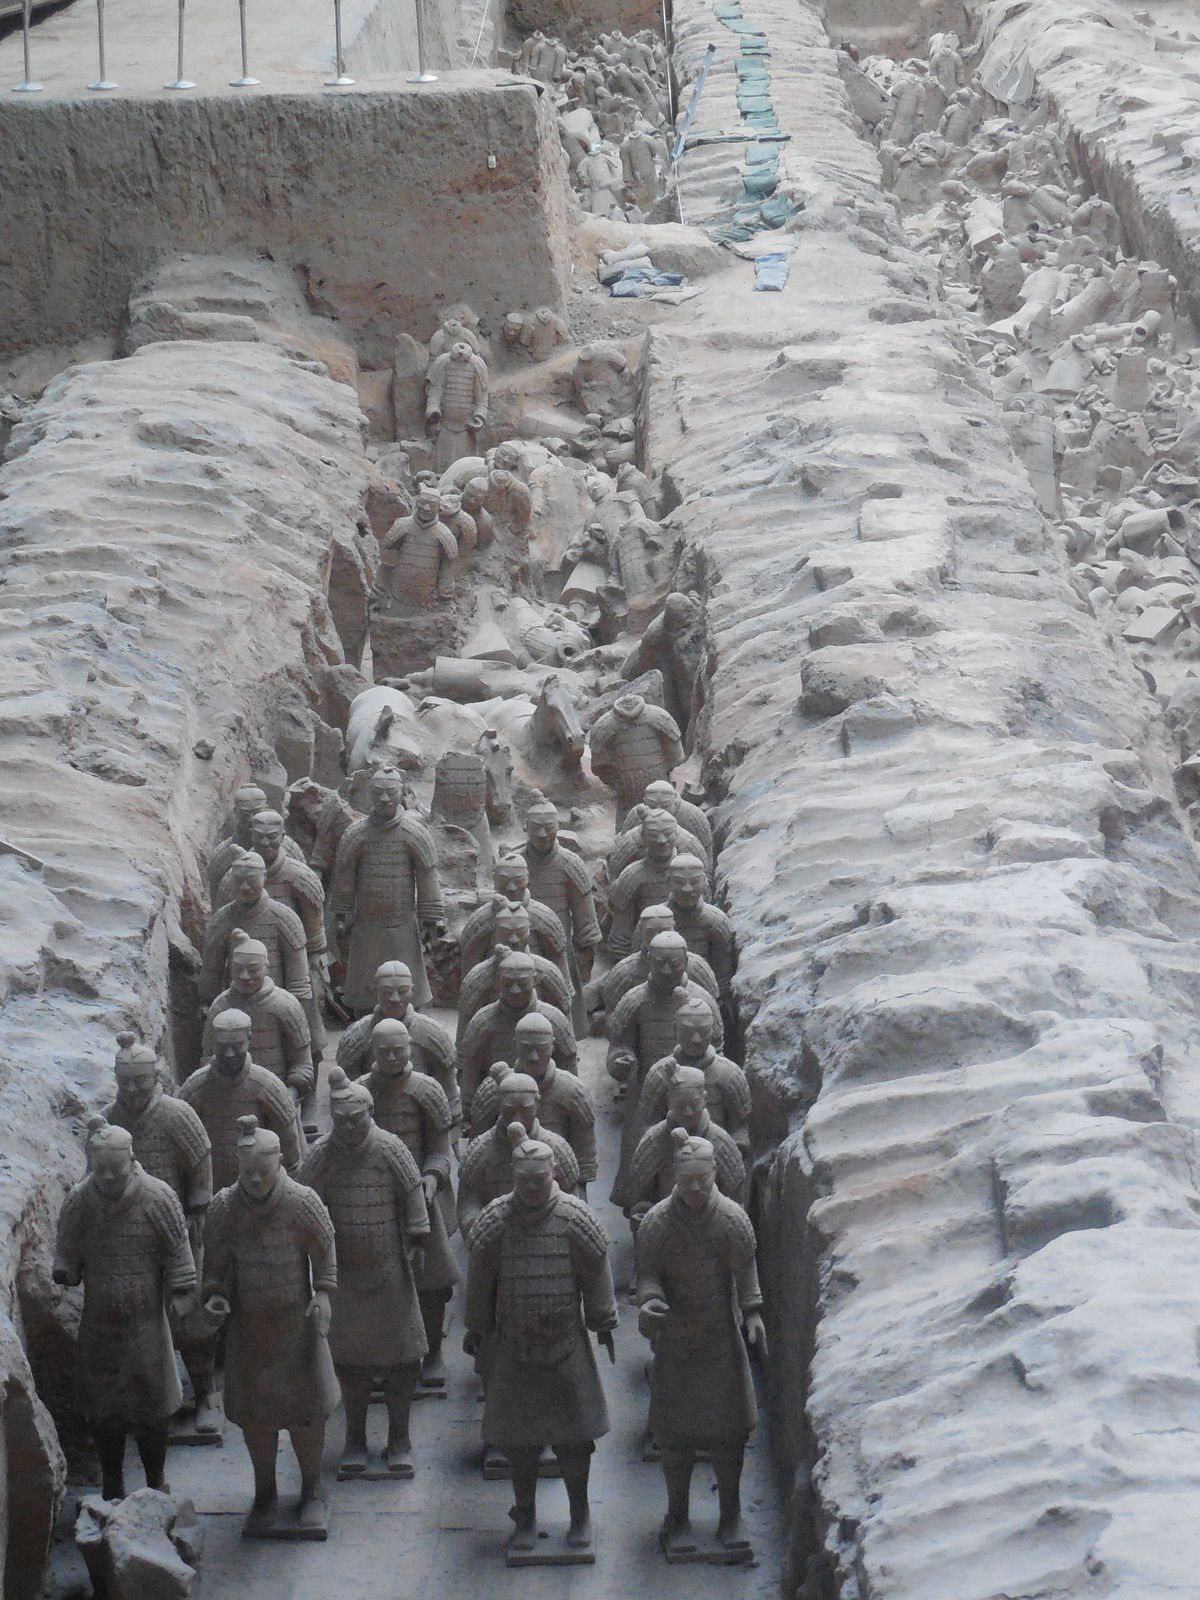 Chine: Jour 6 - Xi an: visite de la ville